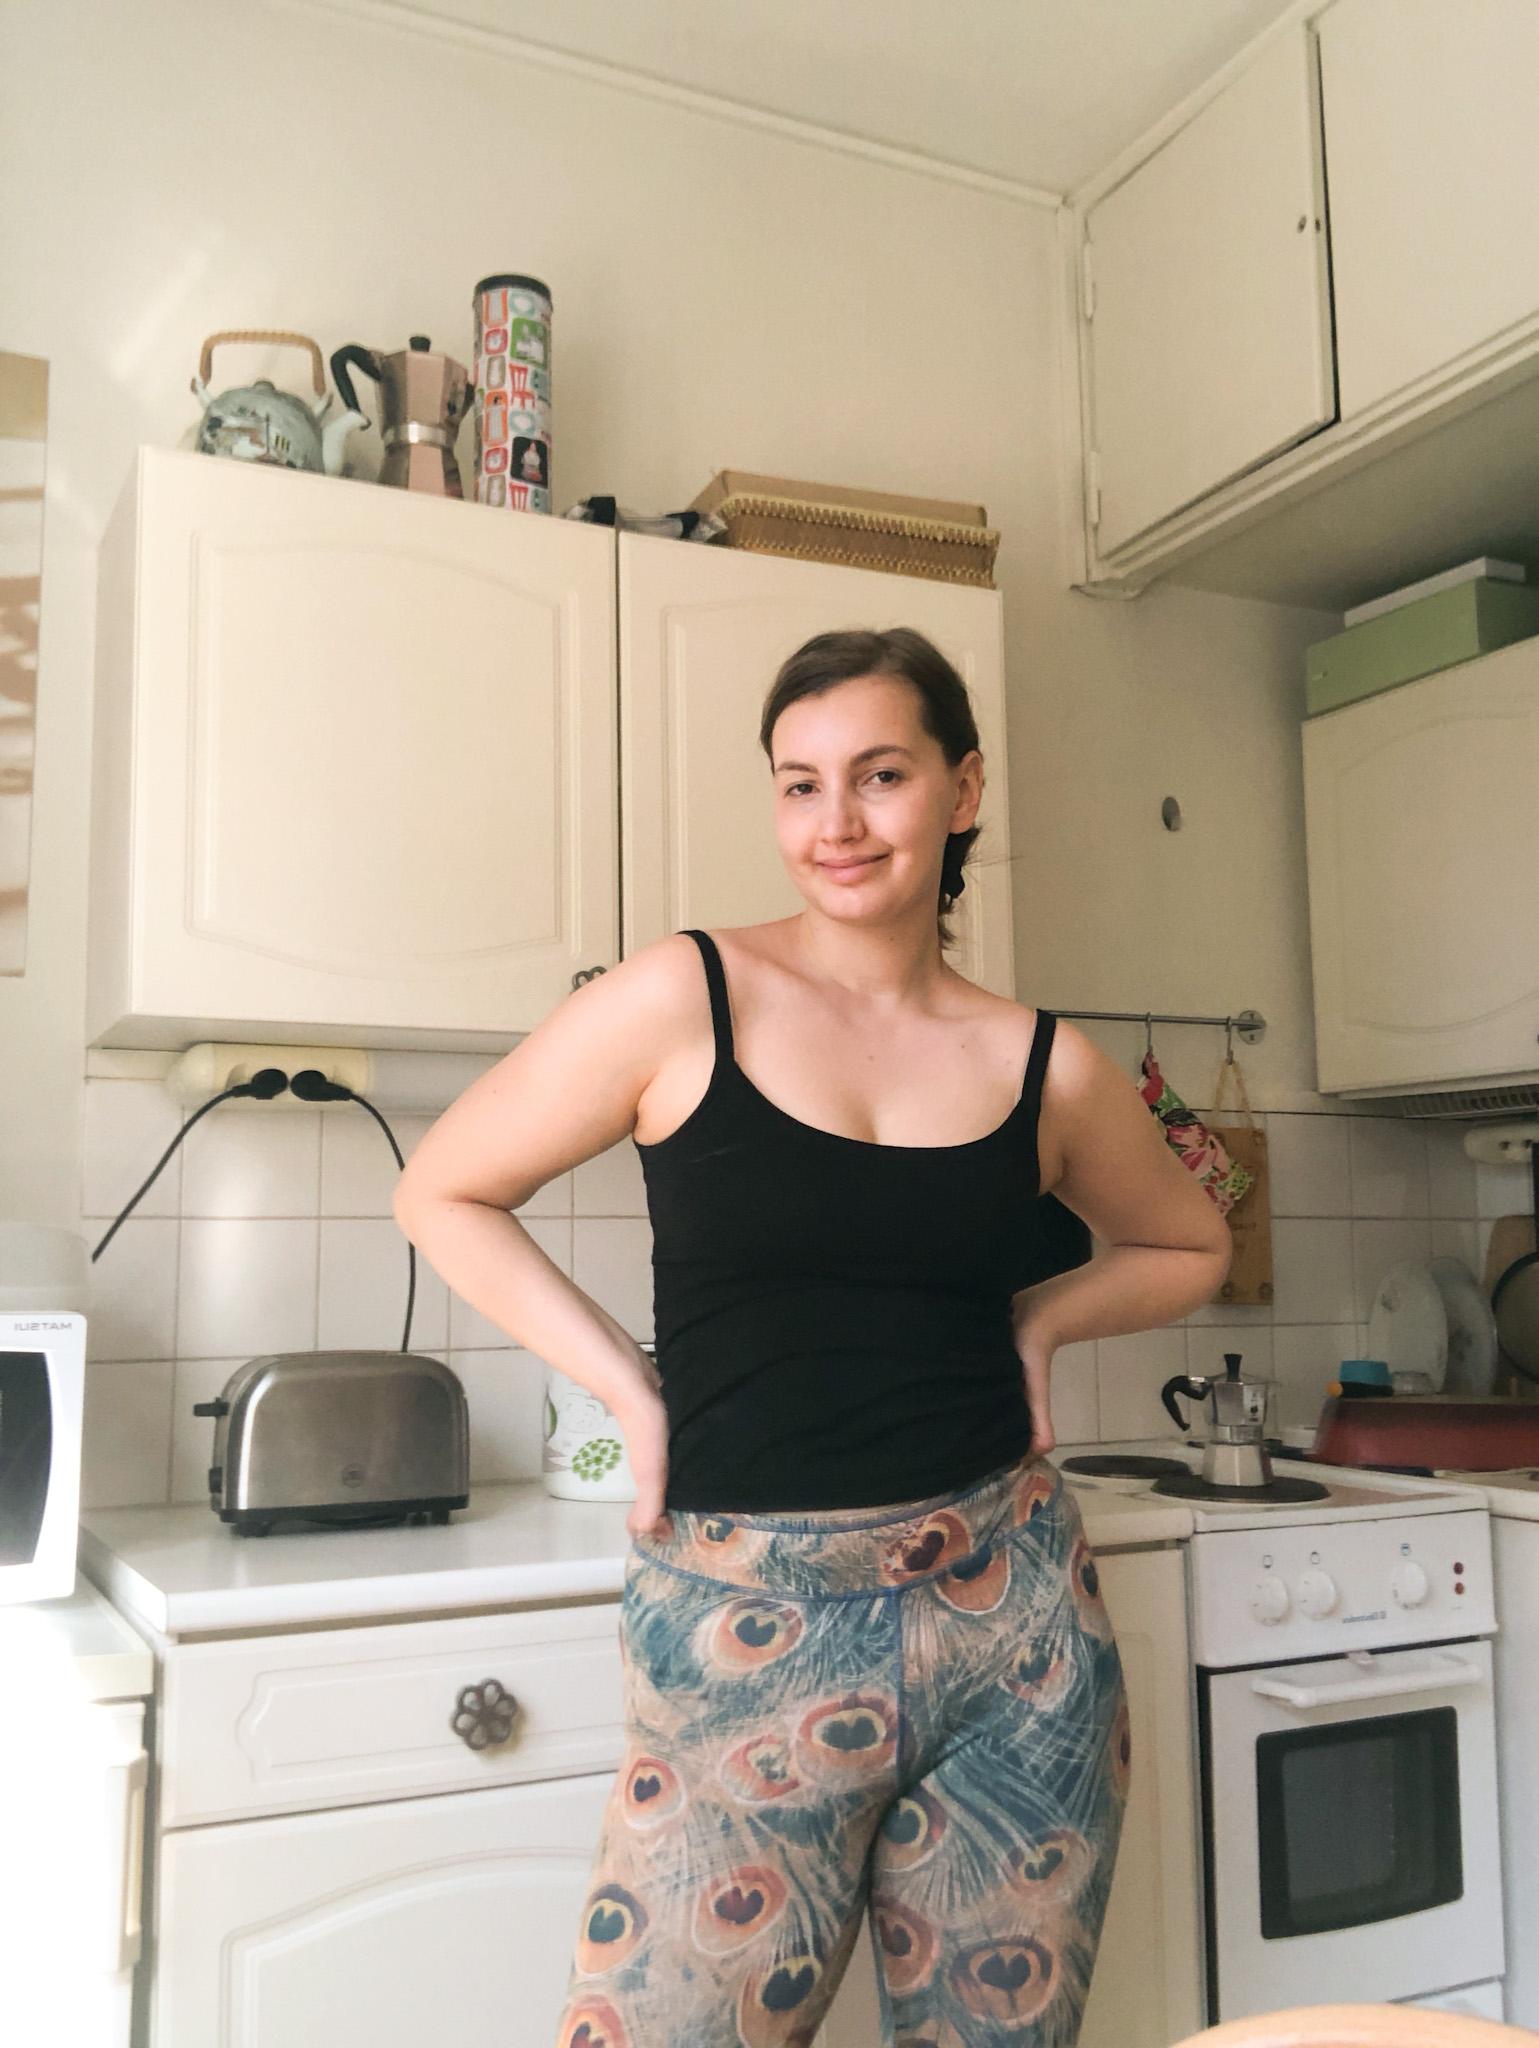 My week: äikänopen työviikko etäopetuksessa